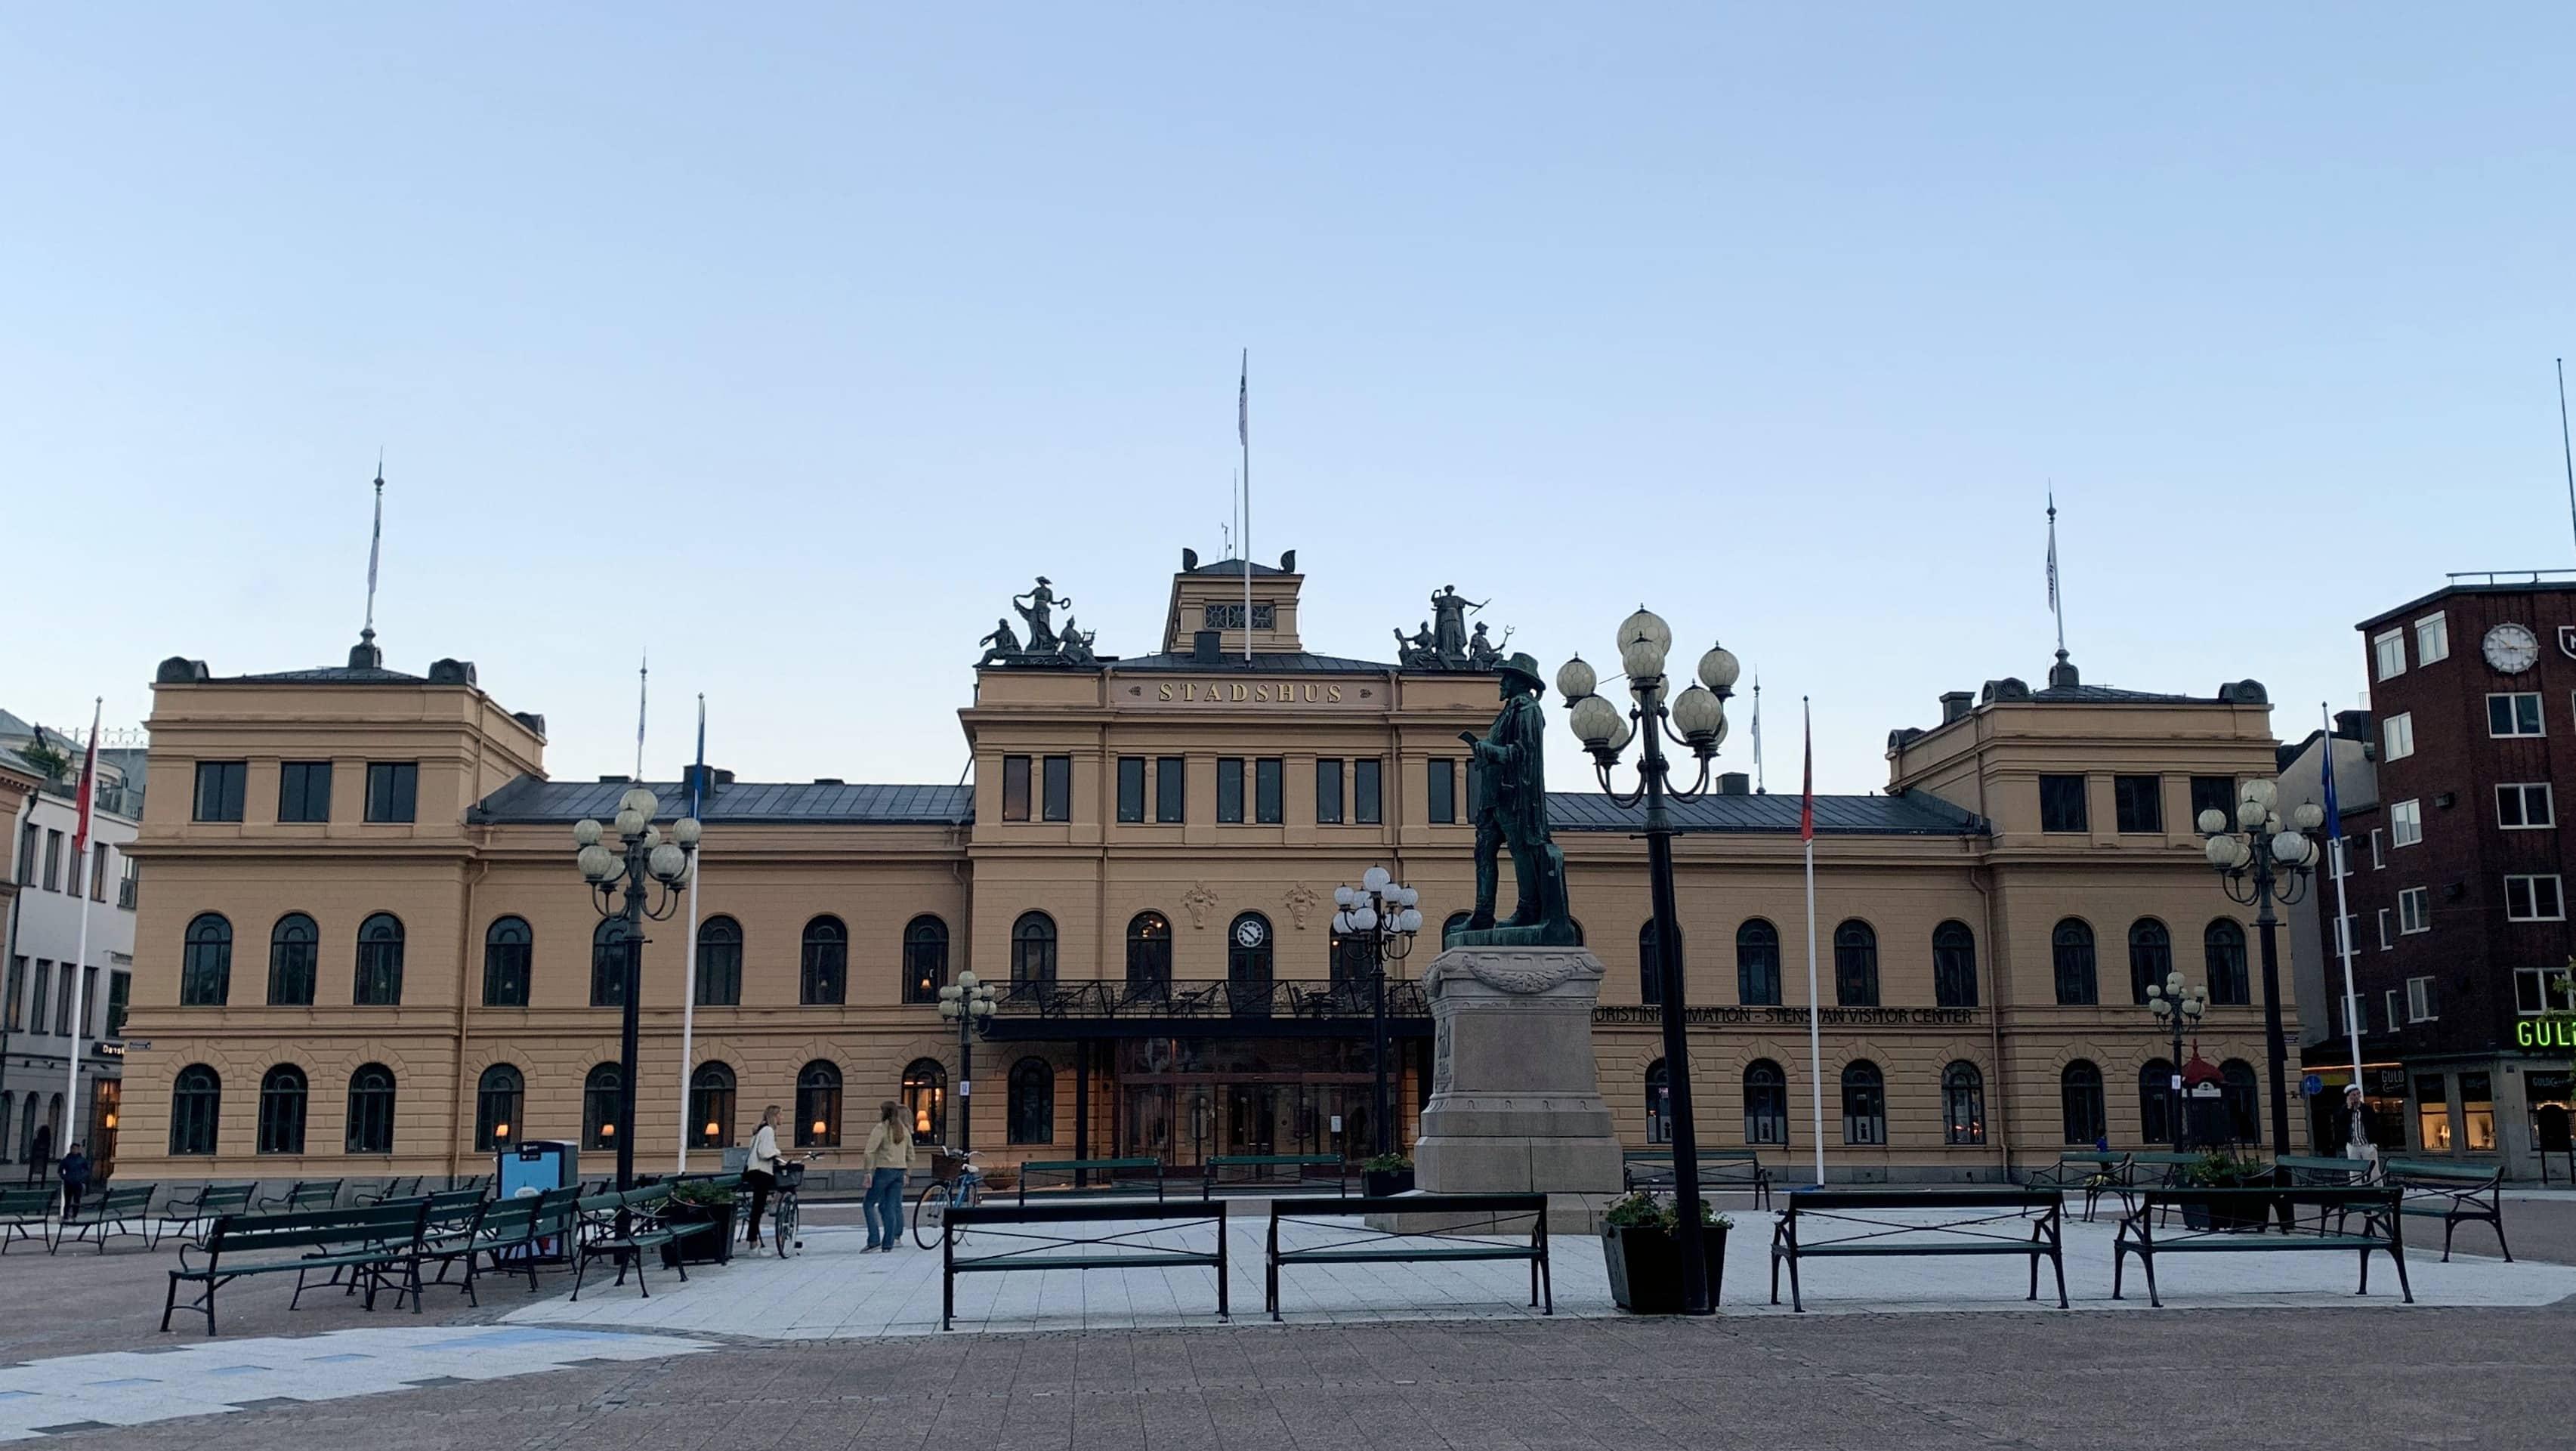 Die Statue von Gustav II Adolf erinnert daran, dass der schwedische König Sundsvall ihre Stadtrechte verliehen hat.